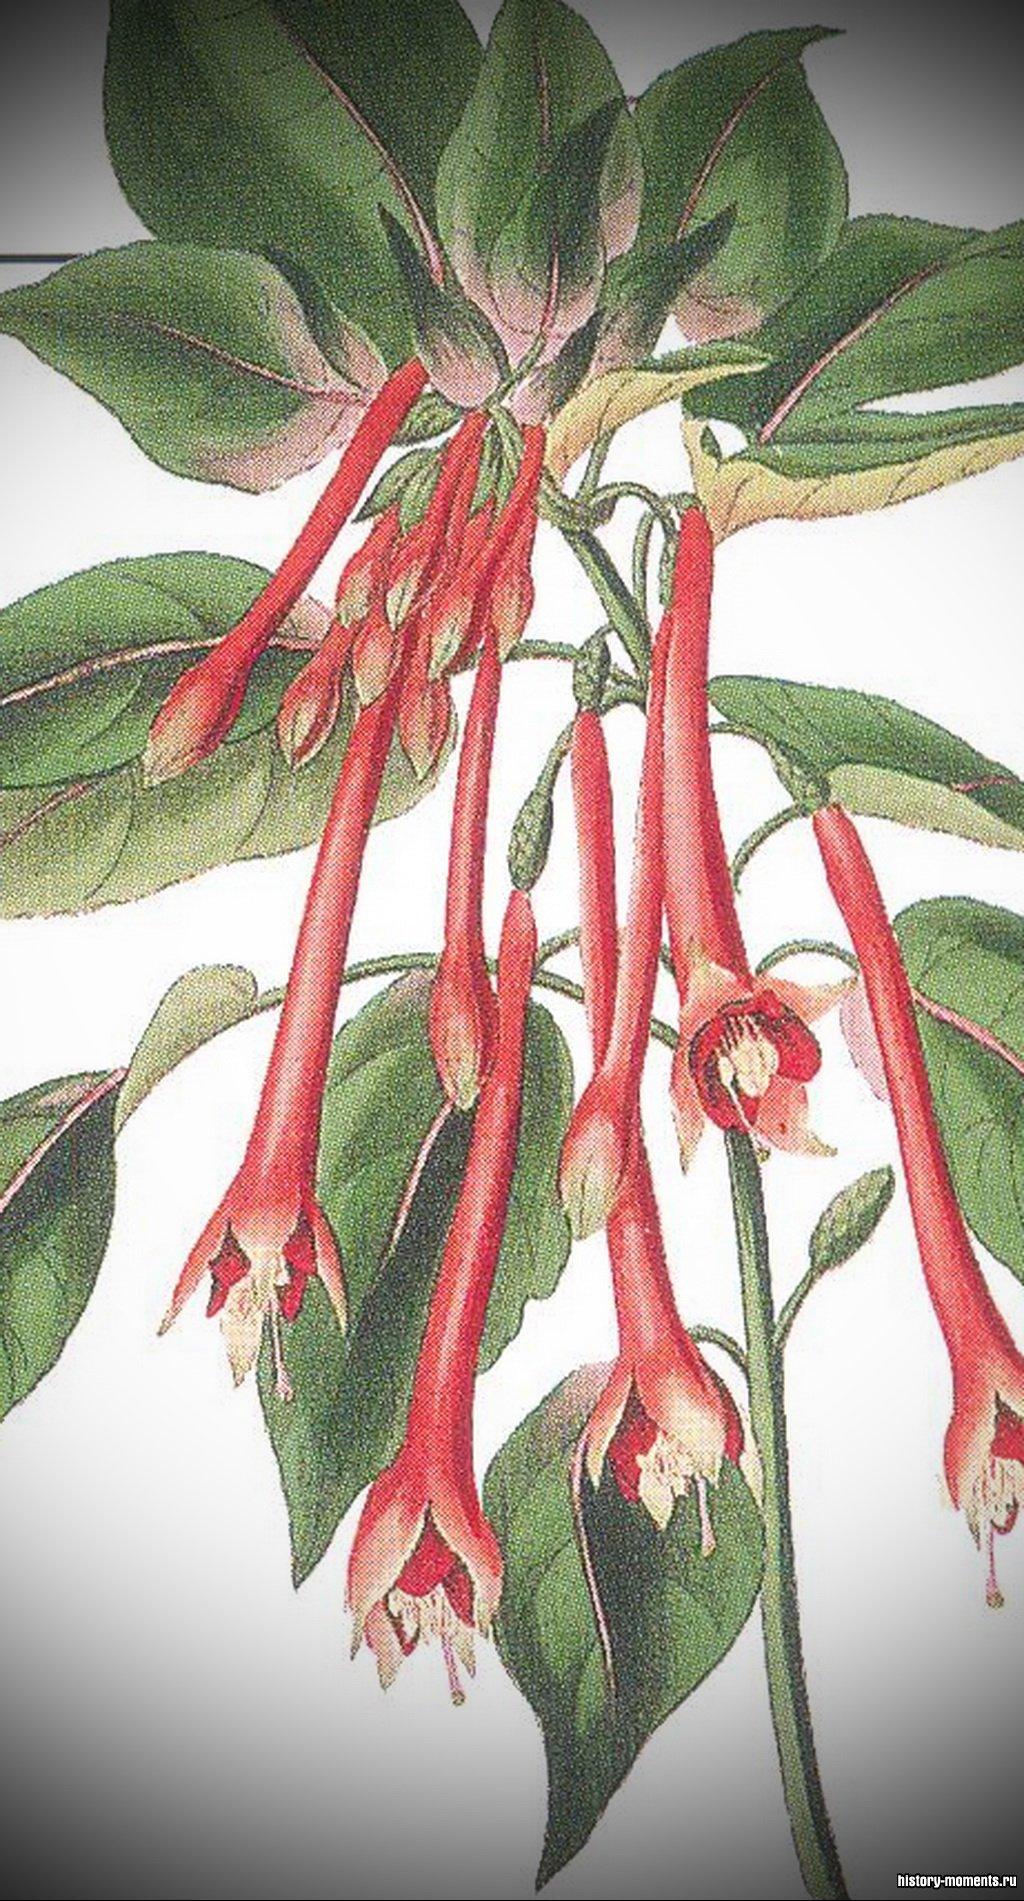 Научные названия растений пишутся по-латыни. Это Fuchsia (фуксия огненная) из каталога растений XIX в.